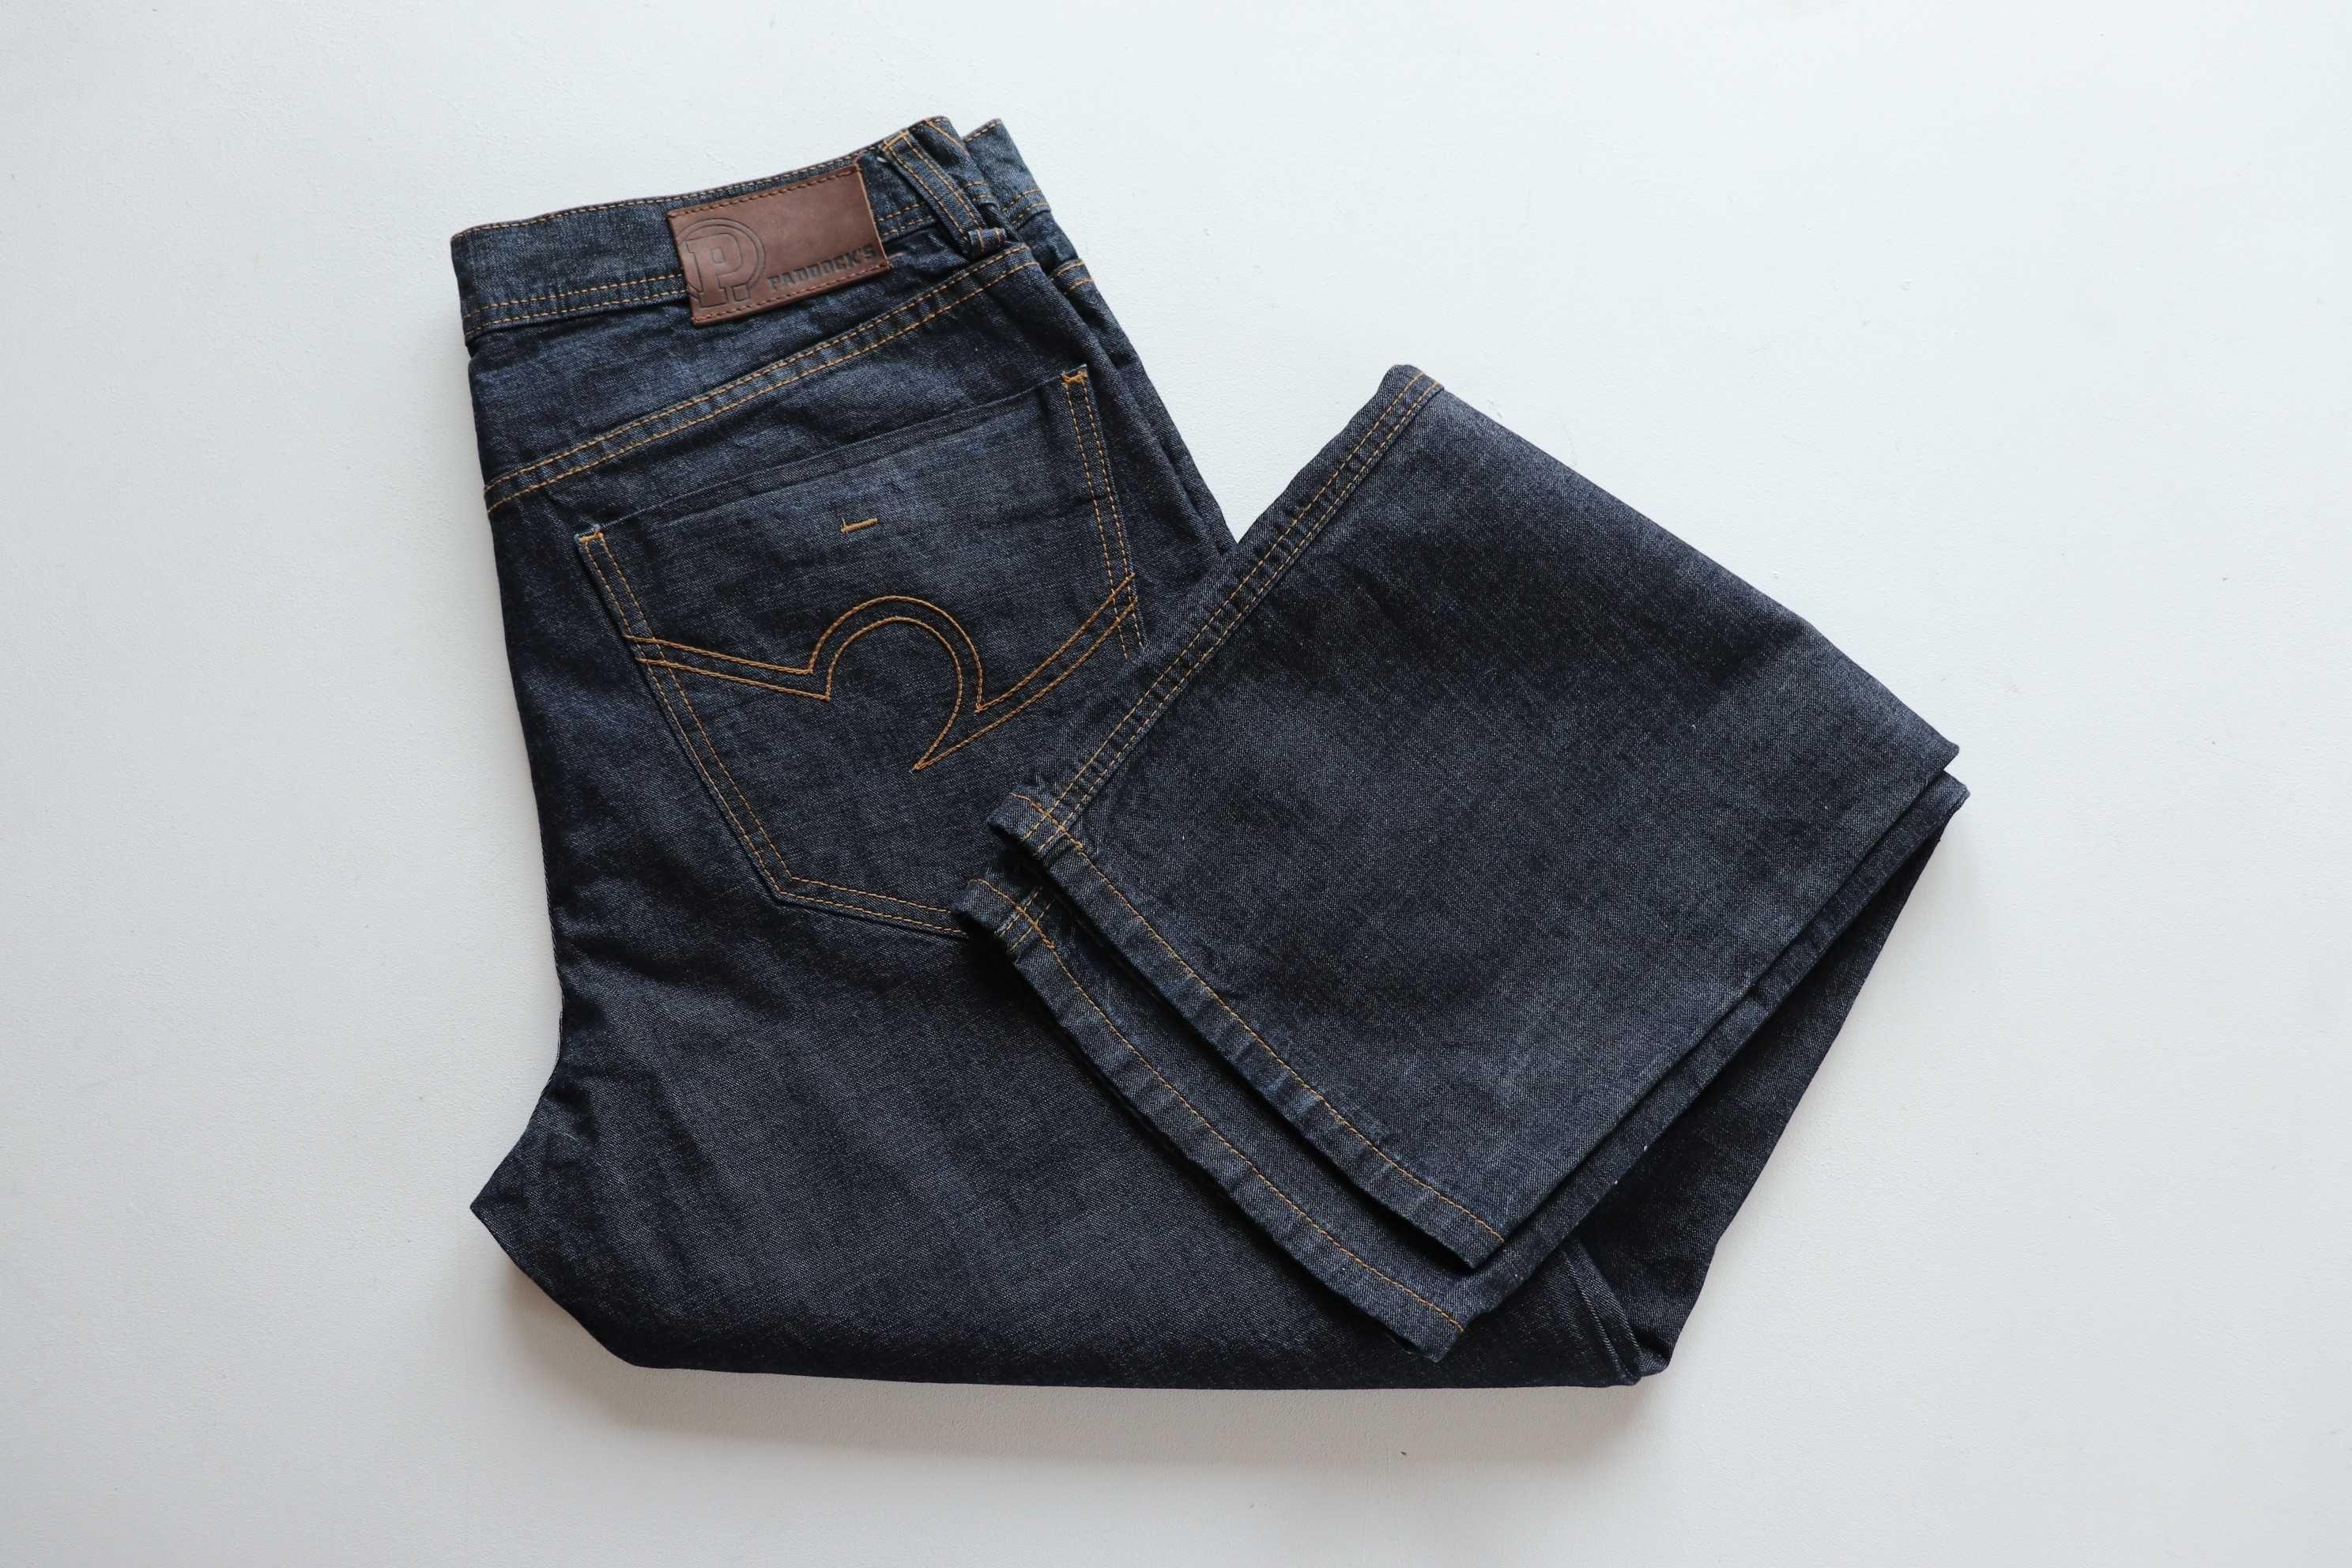 Spodnie męskie Paddock's Frisco jeansy. W34 L32. Stan idealny